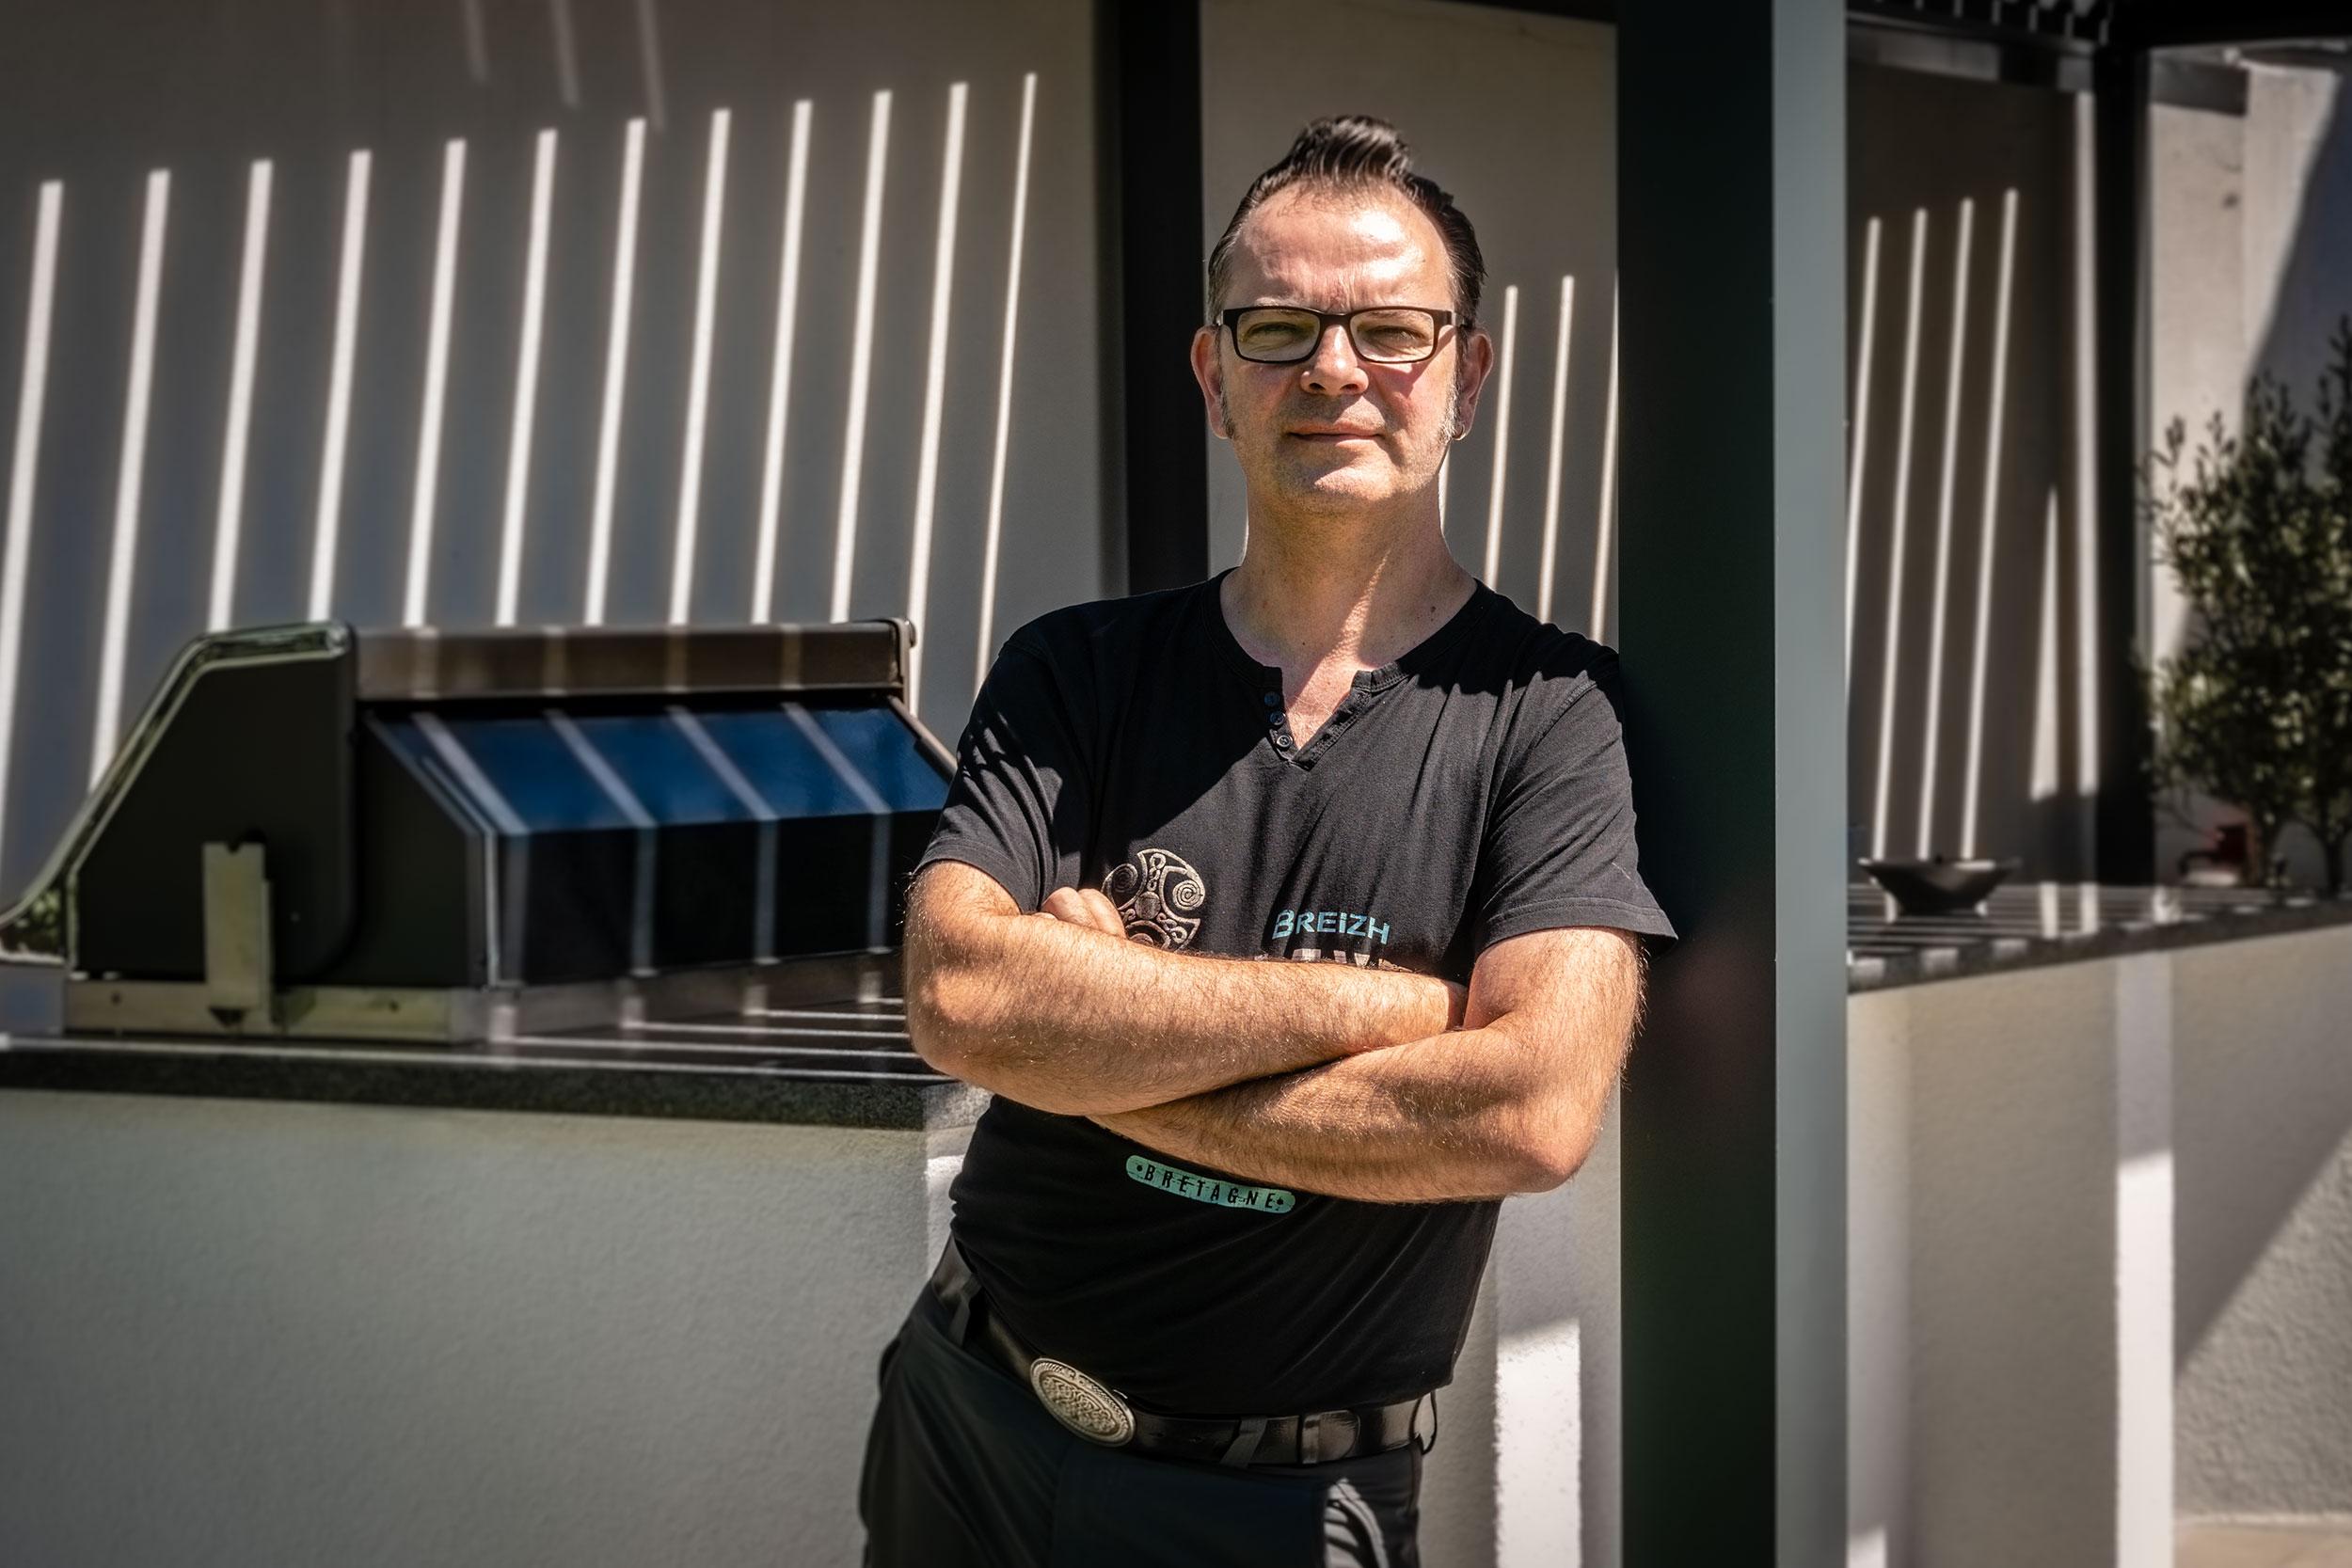 Umbra Sonnenschutztechnik - Michael Richard Wolter